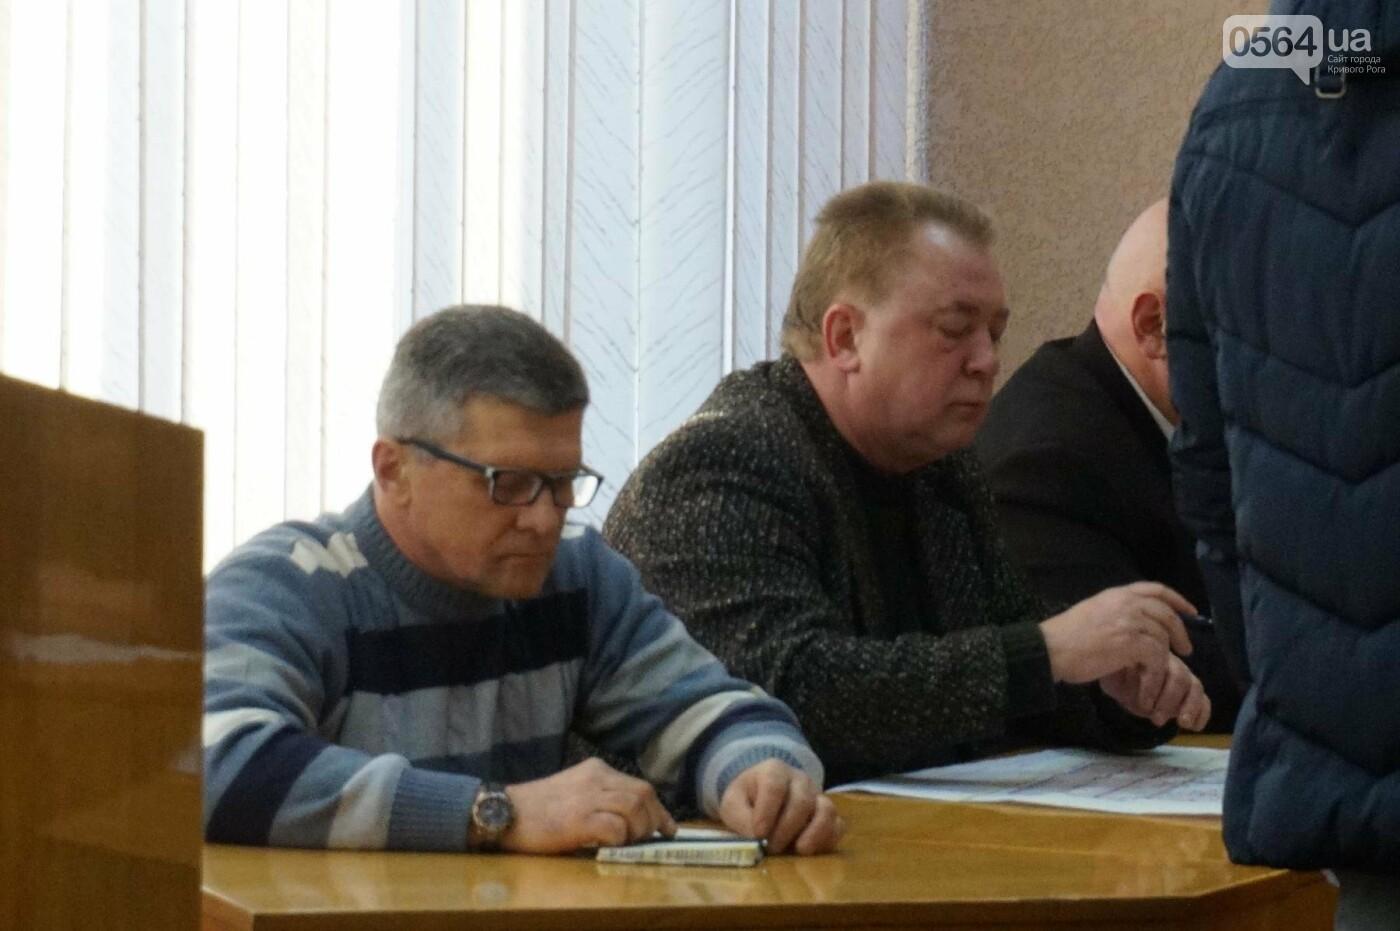 В Кривом Роге 52 бойца АТО получили землю под строительство жилья (ФОТО), фото-8